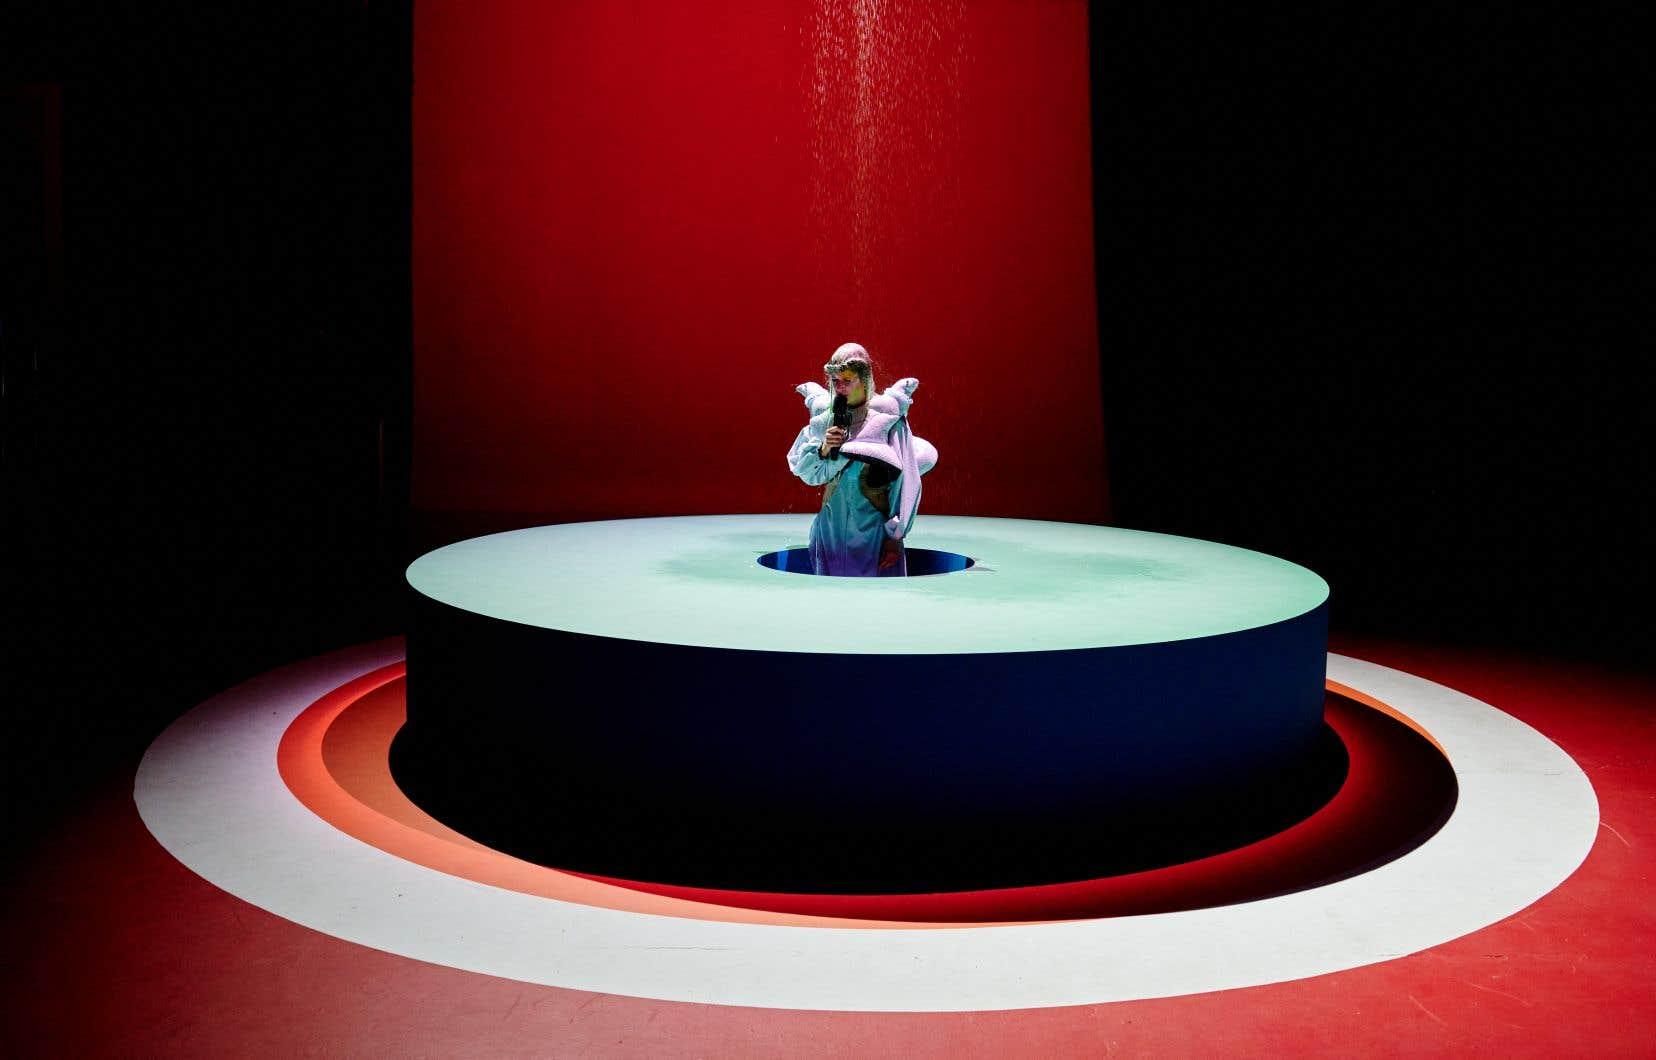 Image tirée duSpectacle spectralde l'artiste Klô Pelgag présentant son albumNotre-Dame-des-Sept-Douleurs.